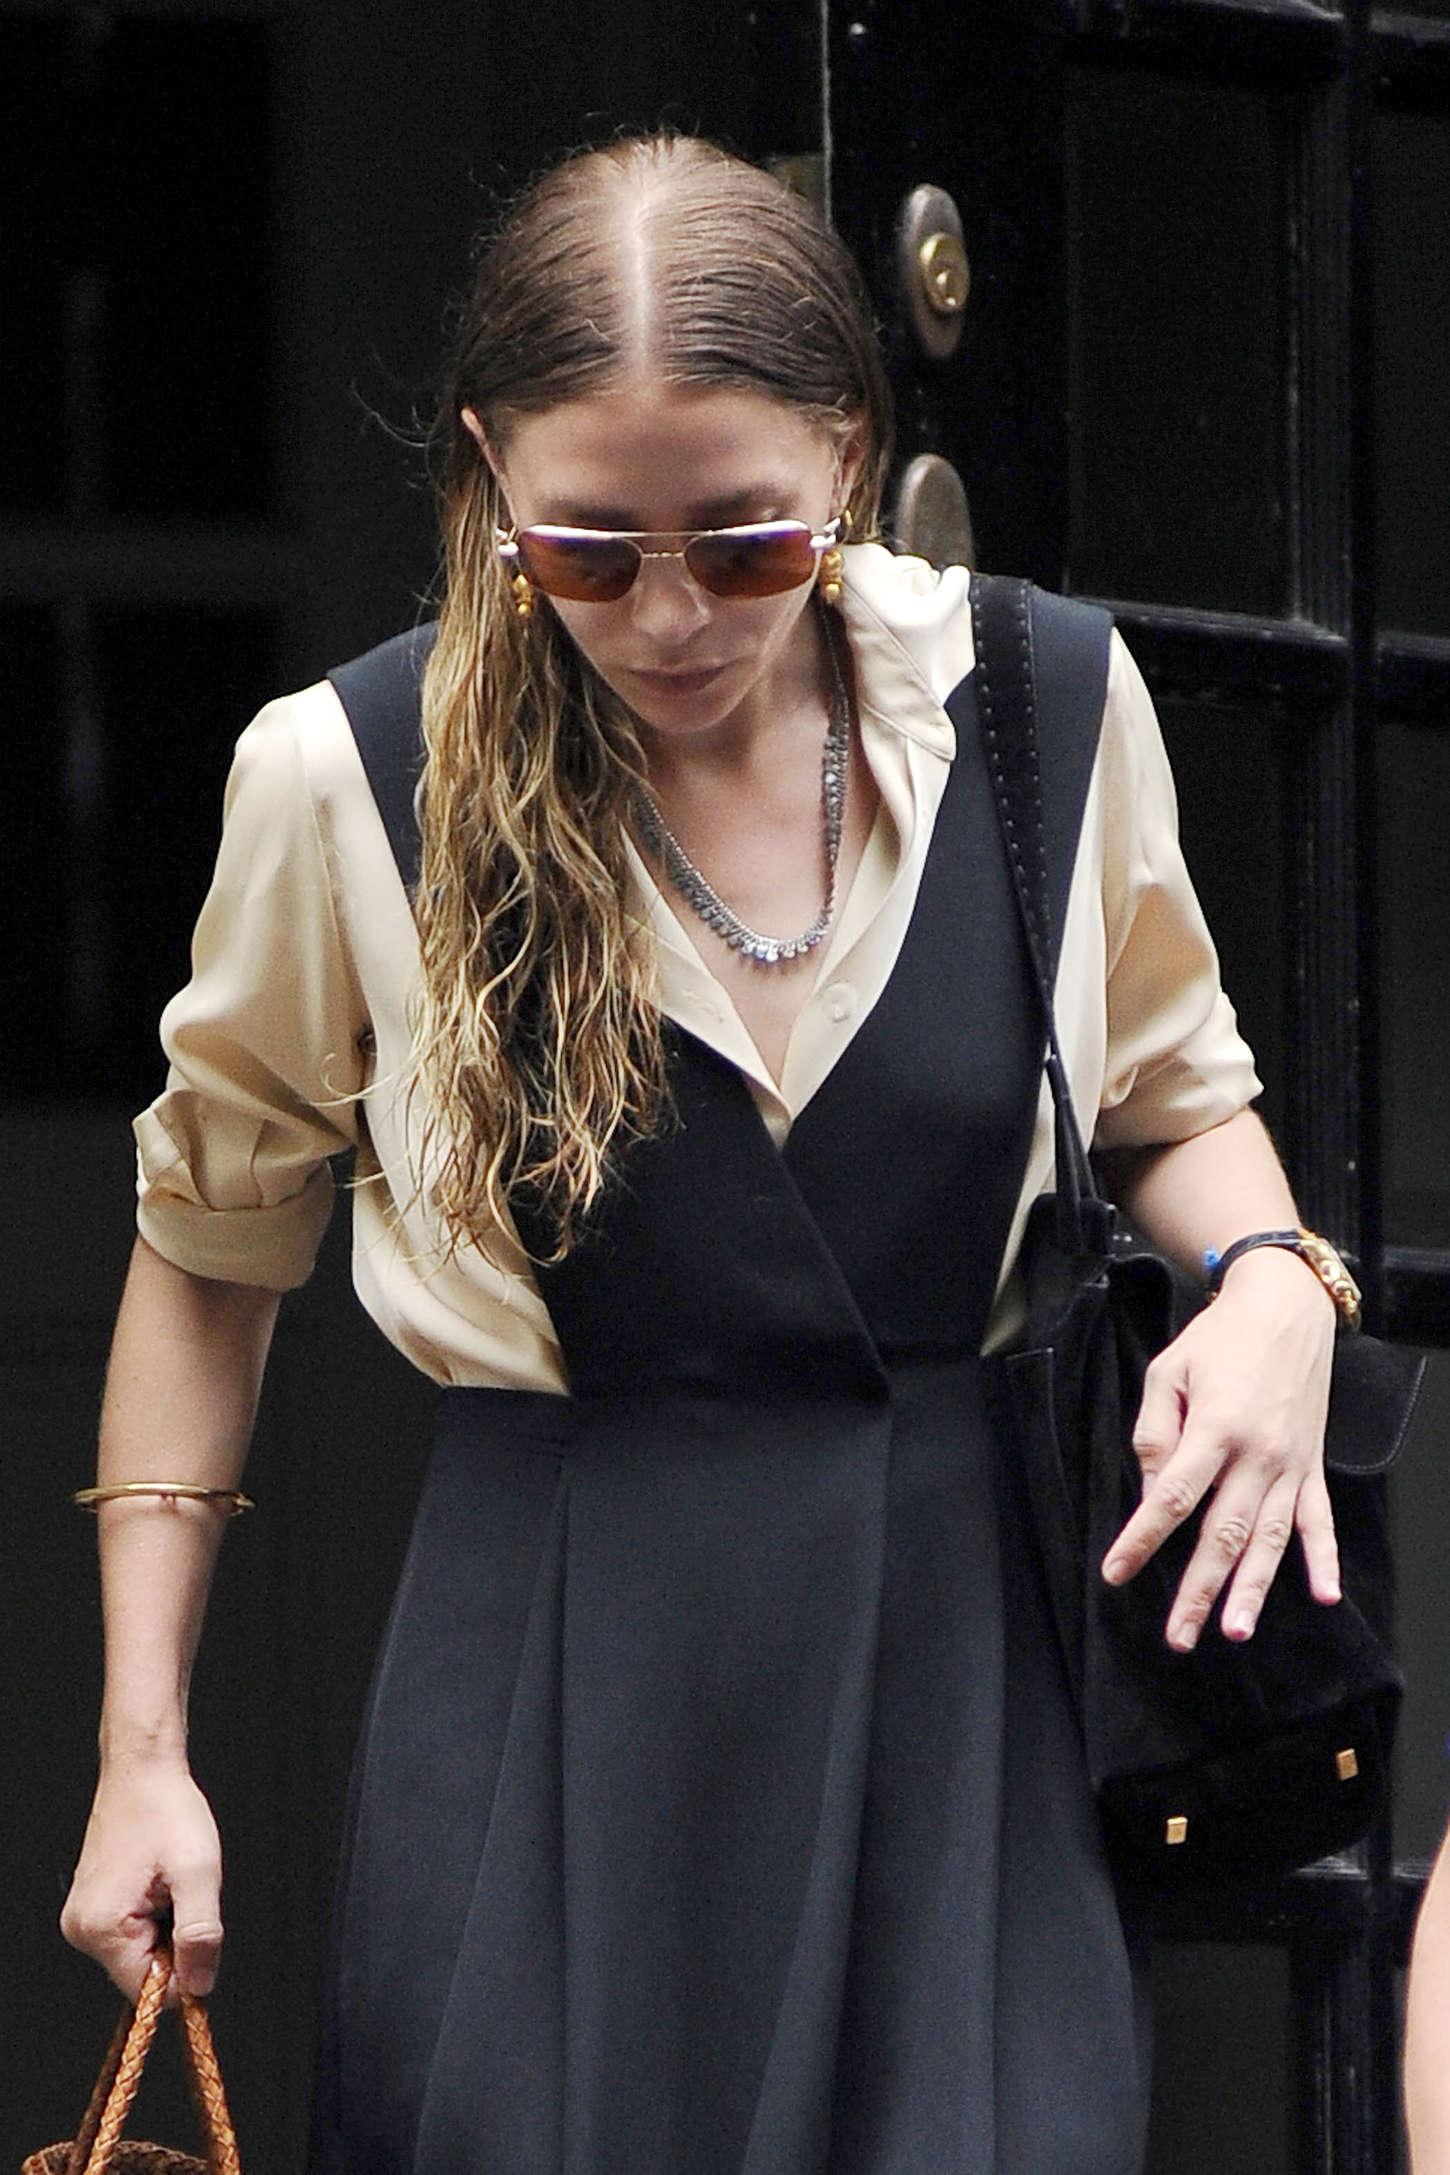 Ashley Olsen Leaving her House in New York